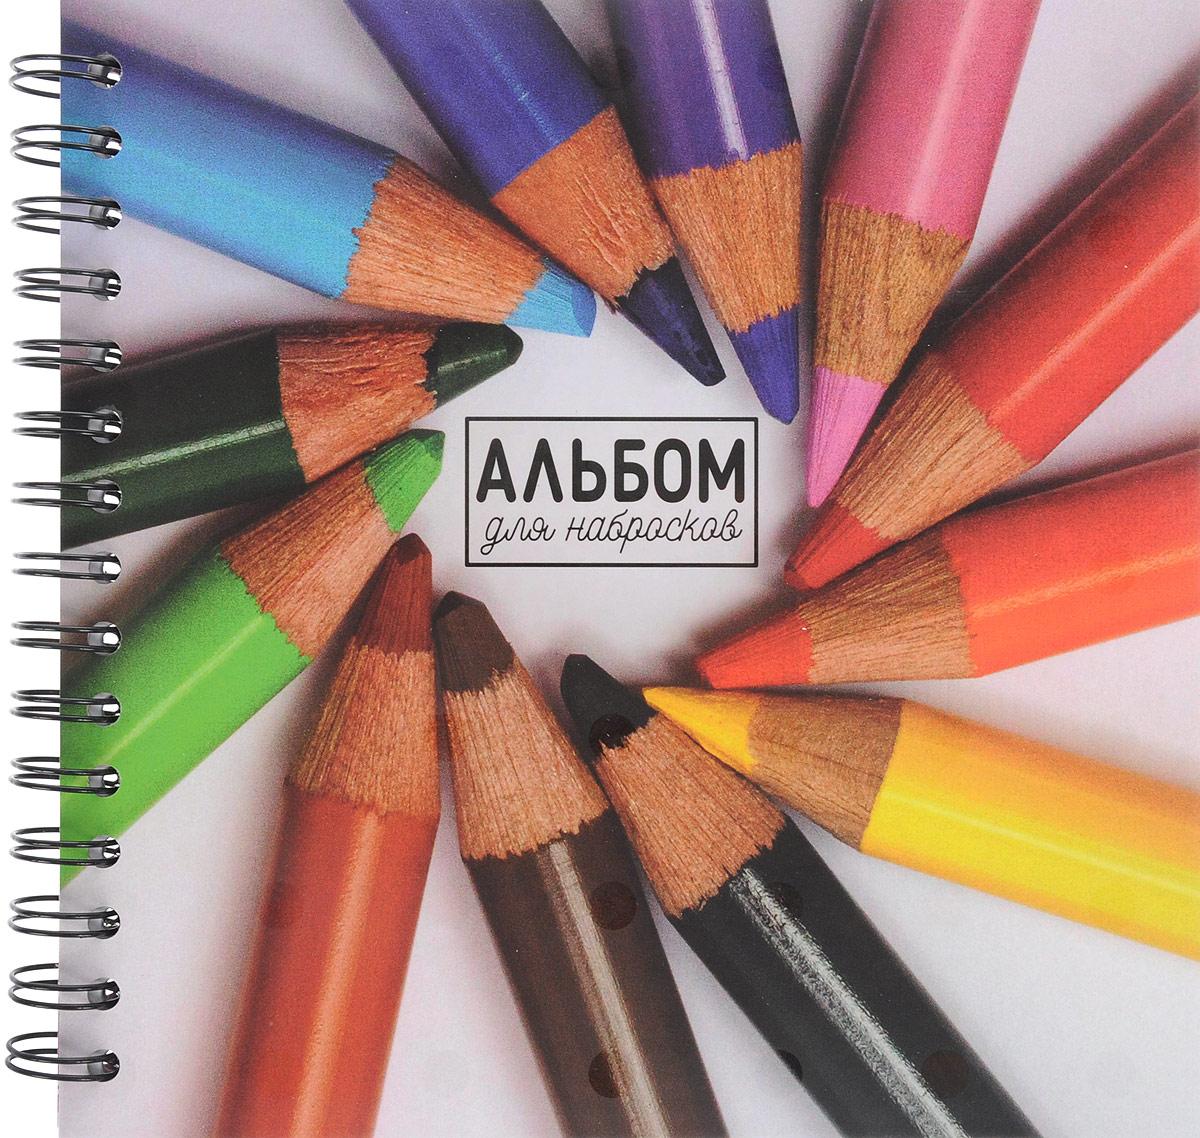 Альбом для набросков. Цветные карандаши альбом для набросков цветные карандаши